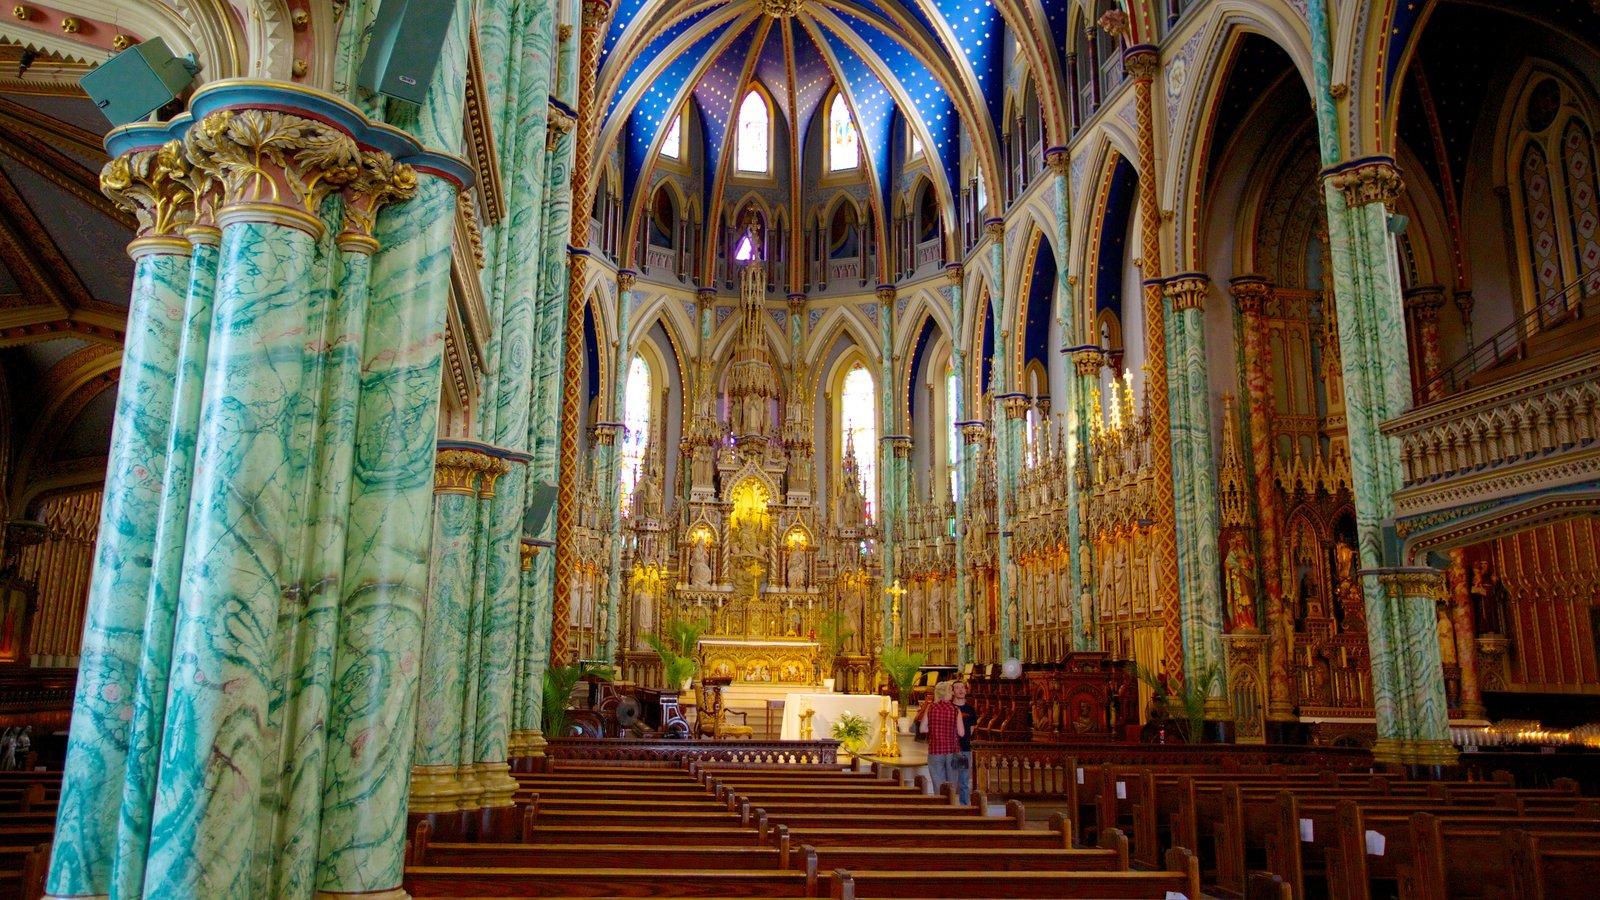 Notre-Dame Cathedral Basilica que inclui uma igreja ou catedral, elementos religiosos e vistas internas